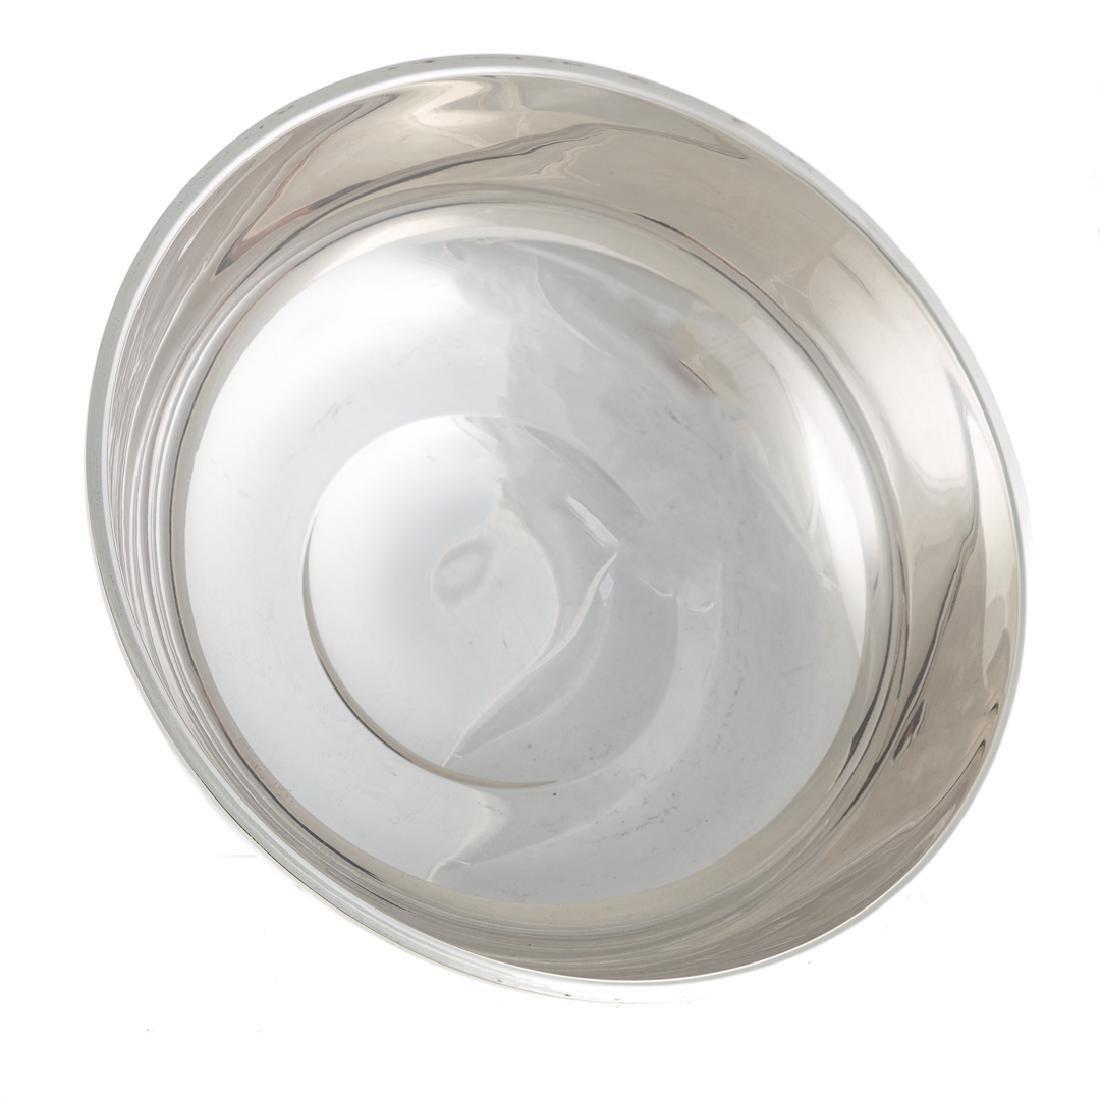 Kirk sterling silver Paul Revere bowl - 2